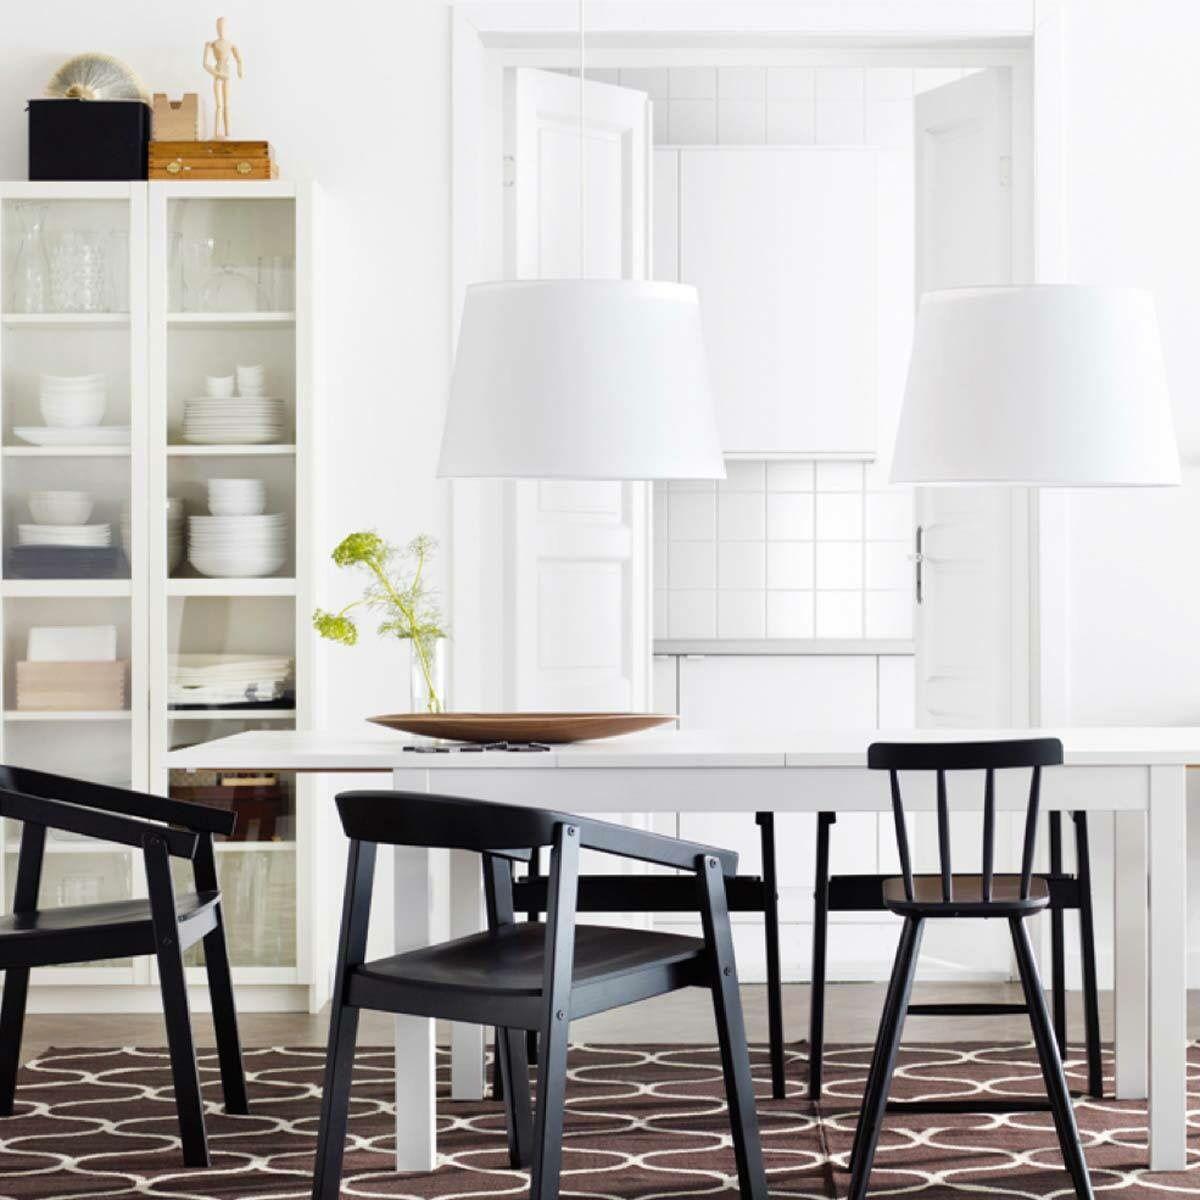 IKEA scandinavian Style Scandinavian StyleIkeaDining Table IKEA